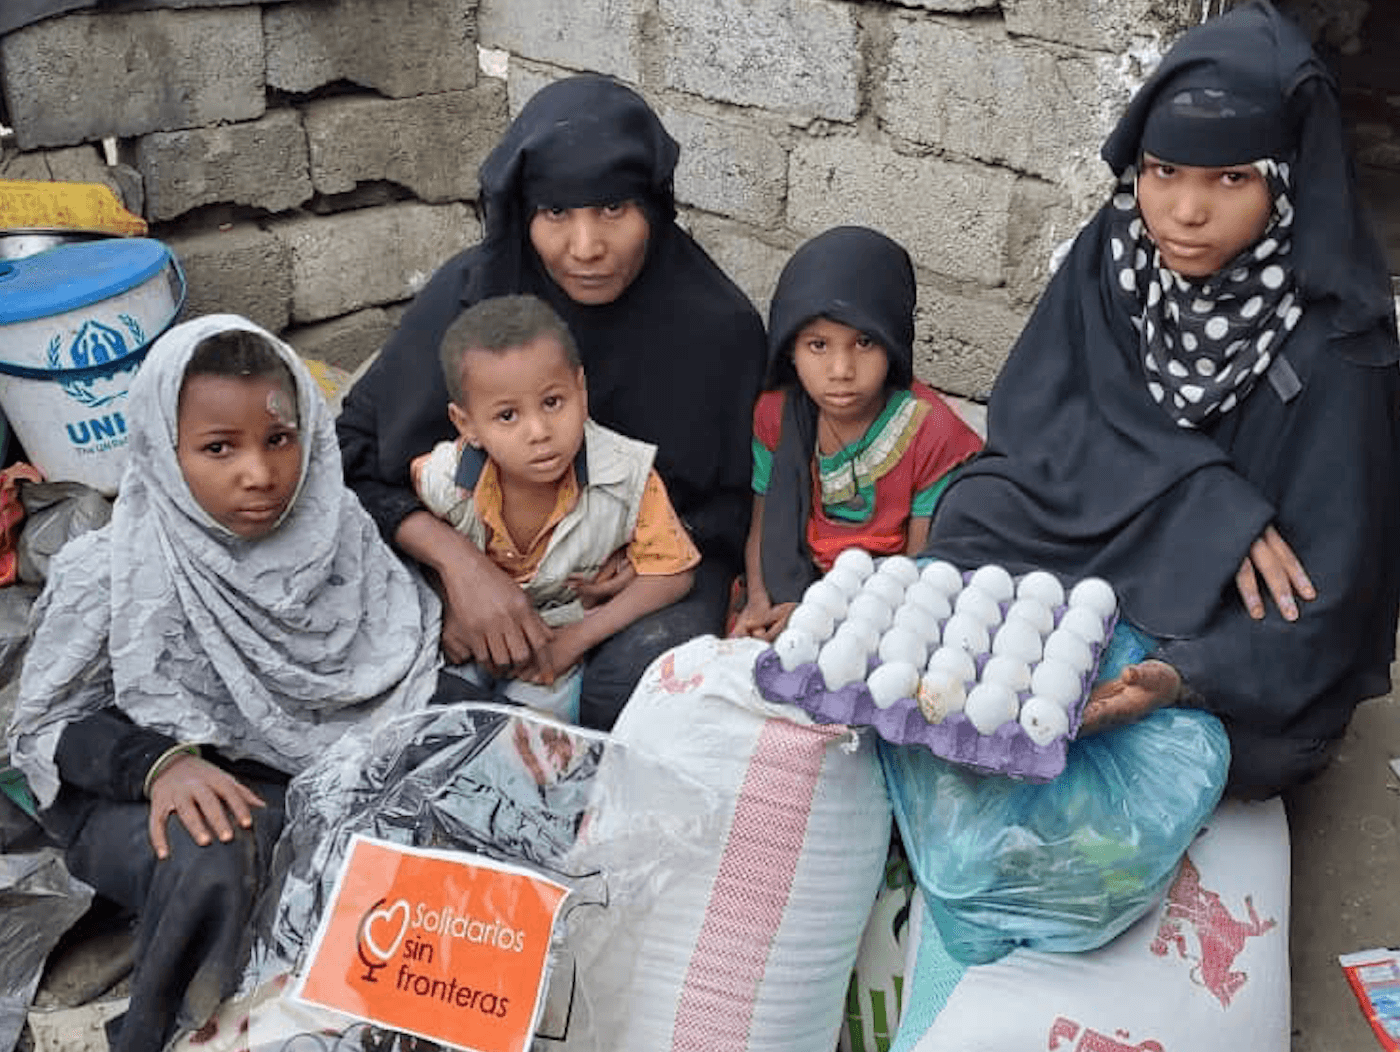 Reparto de comida para familias en Yemen - Solidarios Sin Fronteras